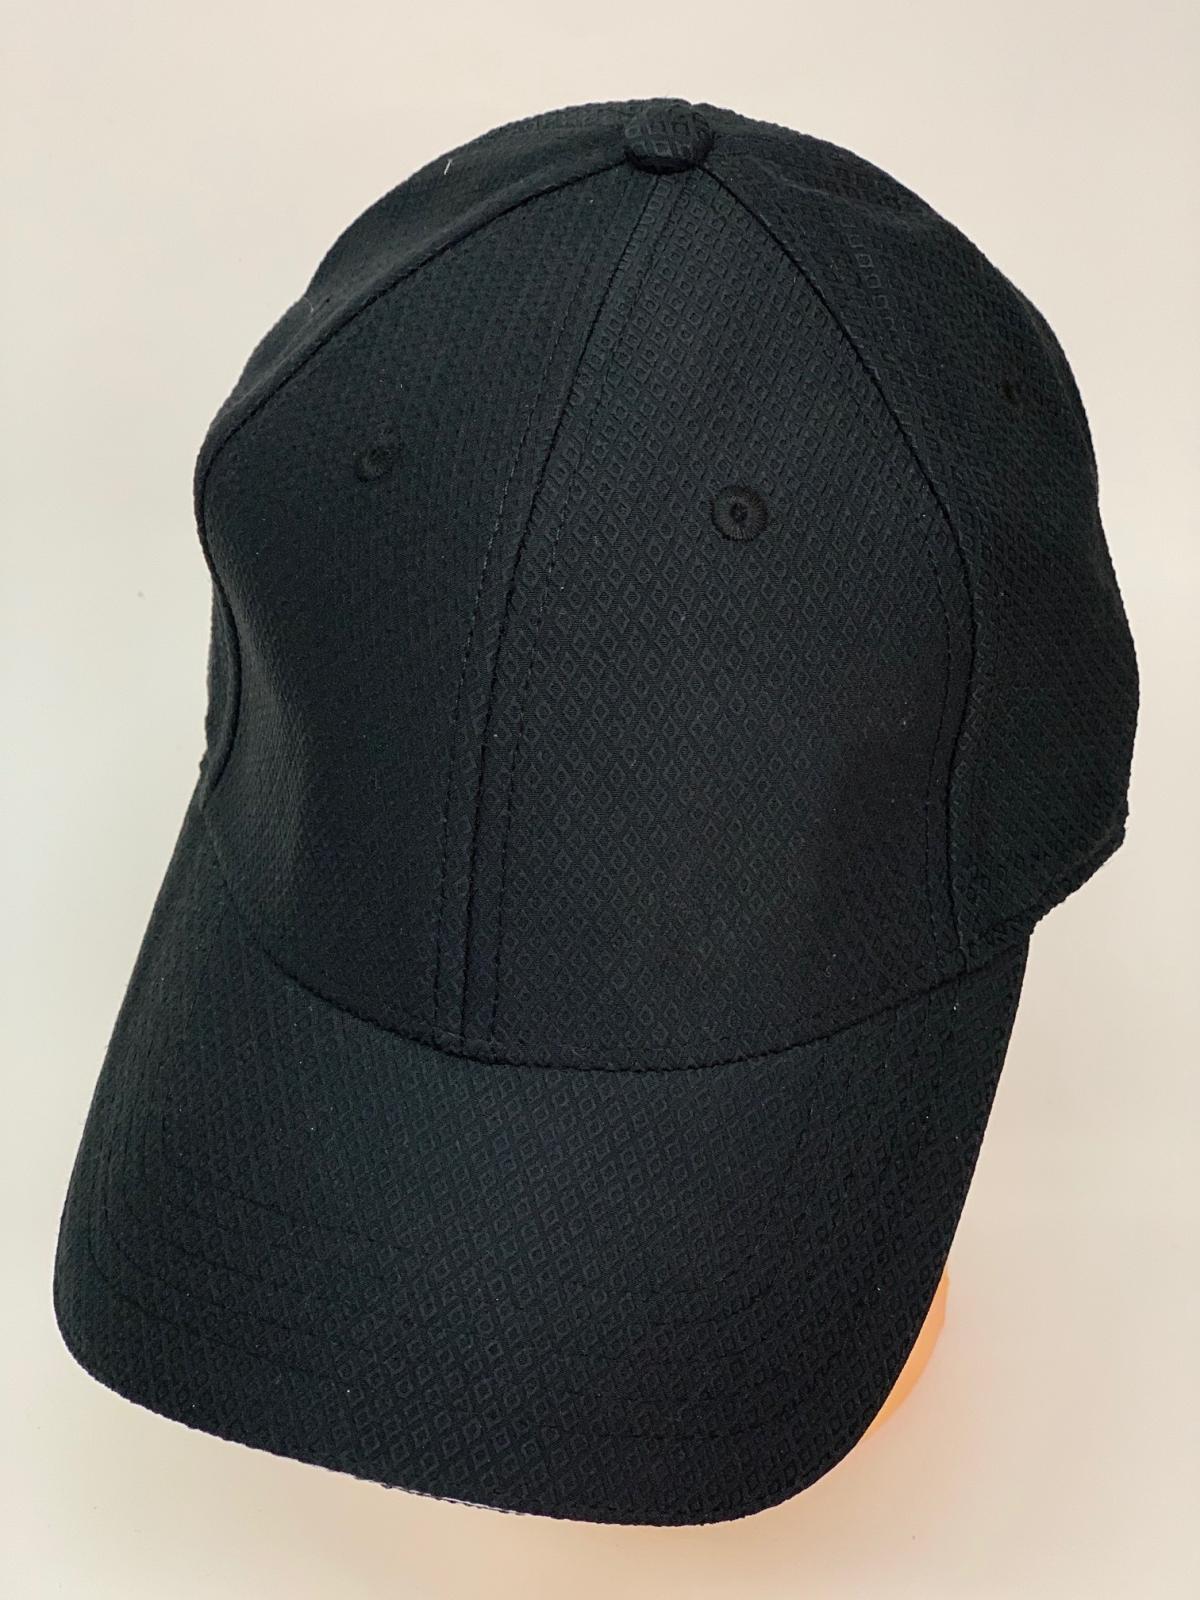 Текстурная бейсболка черного цвета